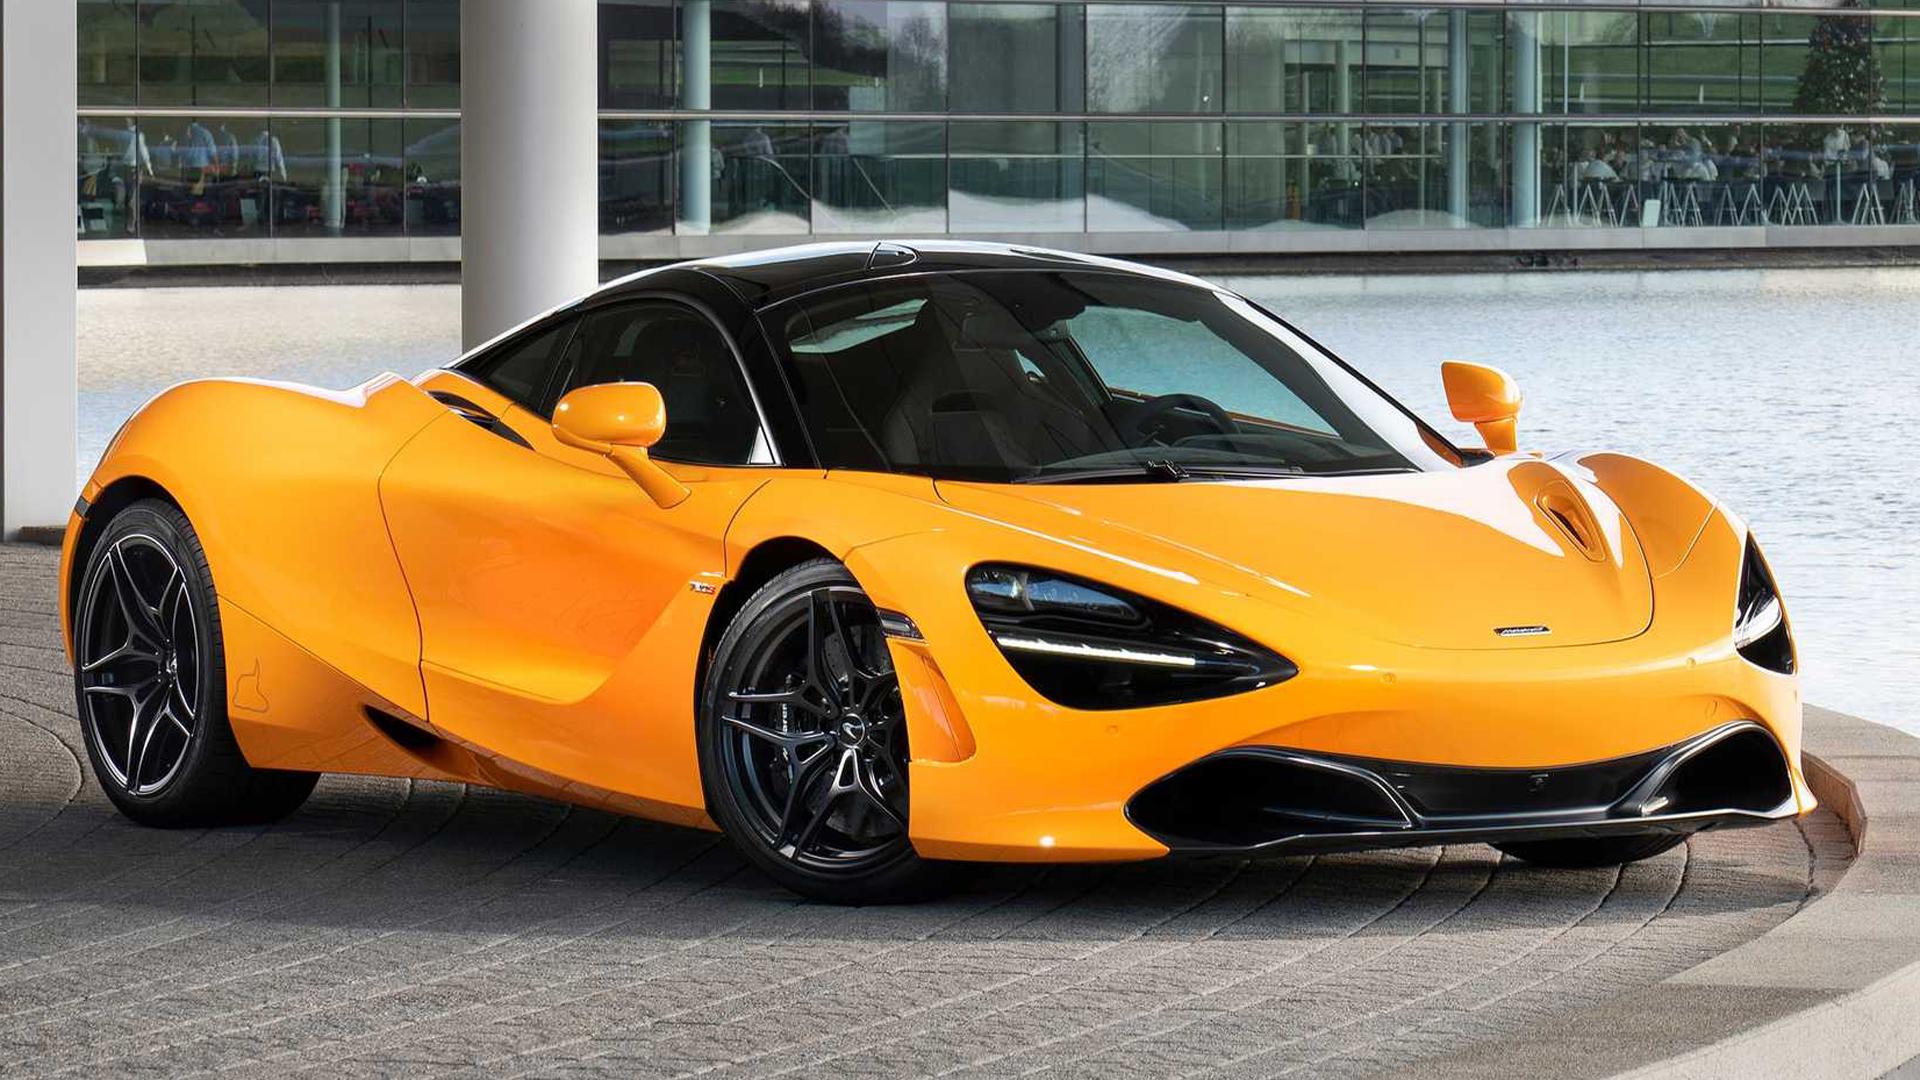 McLaren 720 S Spa 68 Collection